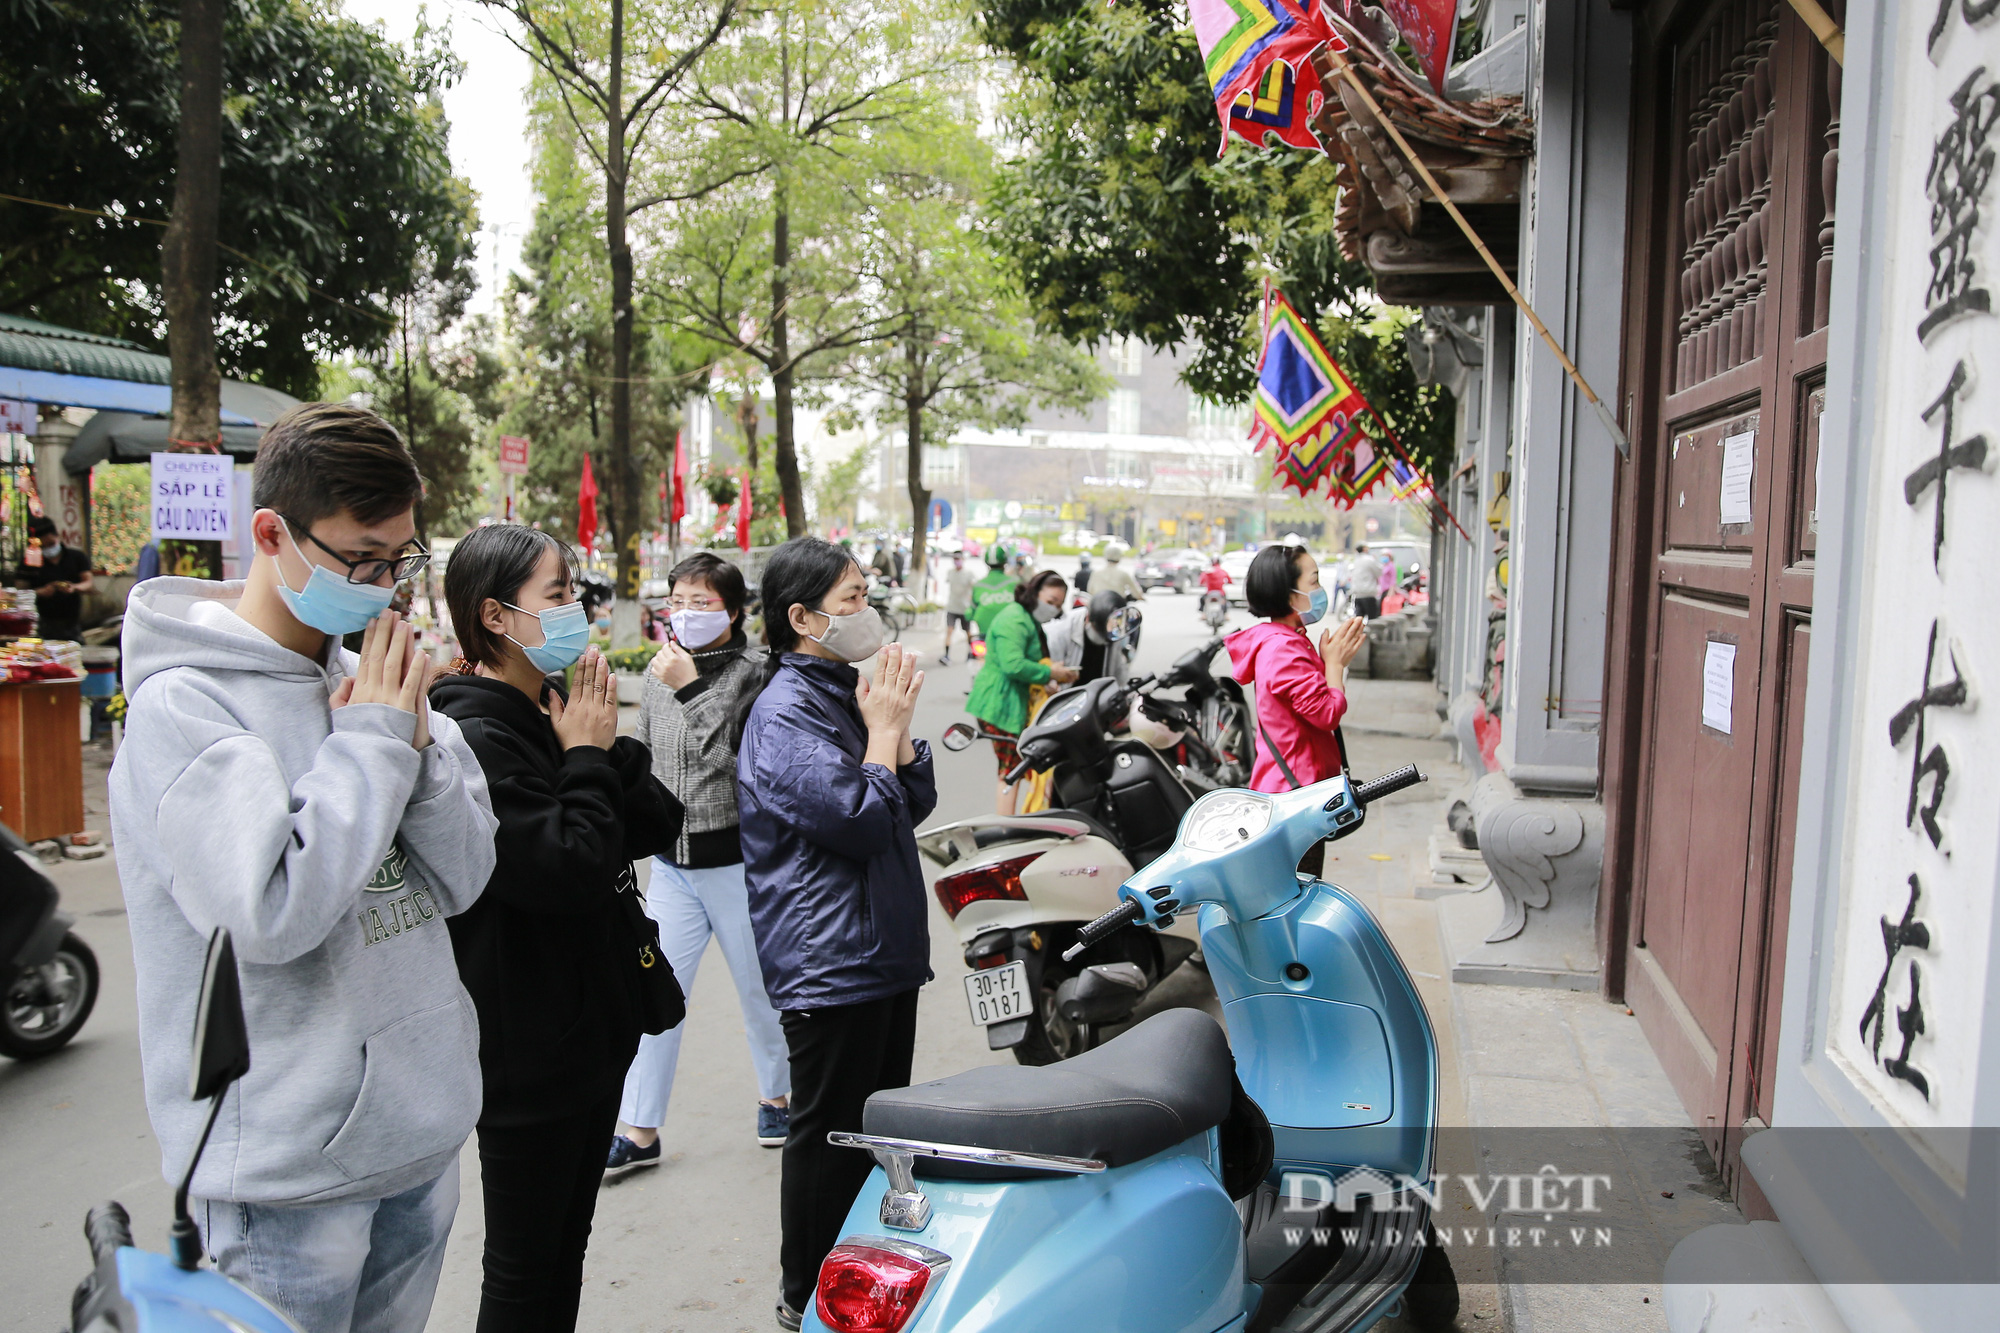 Công an gác cổng, người dân lập bàn vái vọng trước đền chùa ngày Rằm tháng Giêng - Ảnh 9.